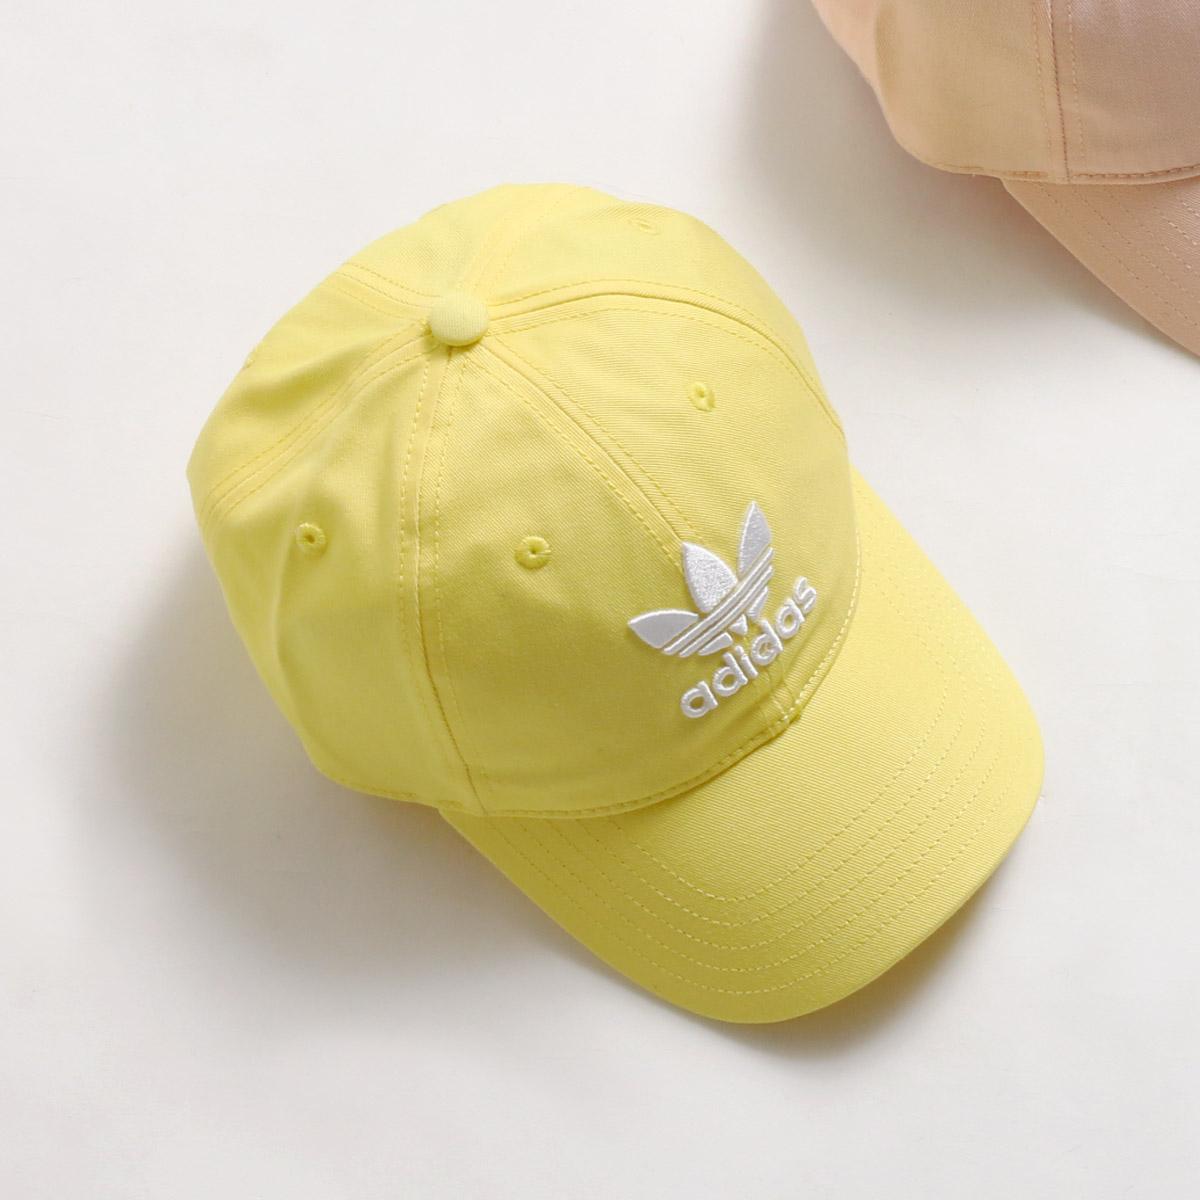 26e6cee3c4d adidas Originals TREFOIL CAP (アディダスオリジナルストレフォイルキャップ) IntenseLemon White  18SS-I